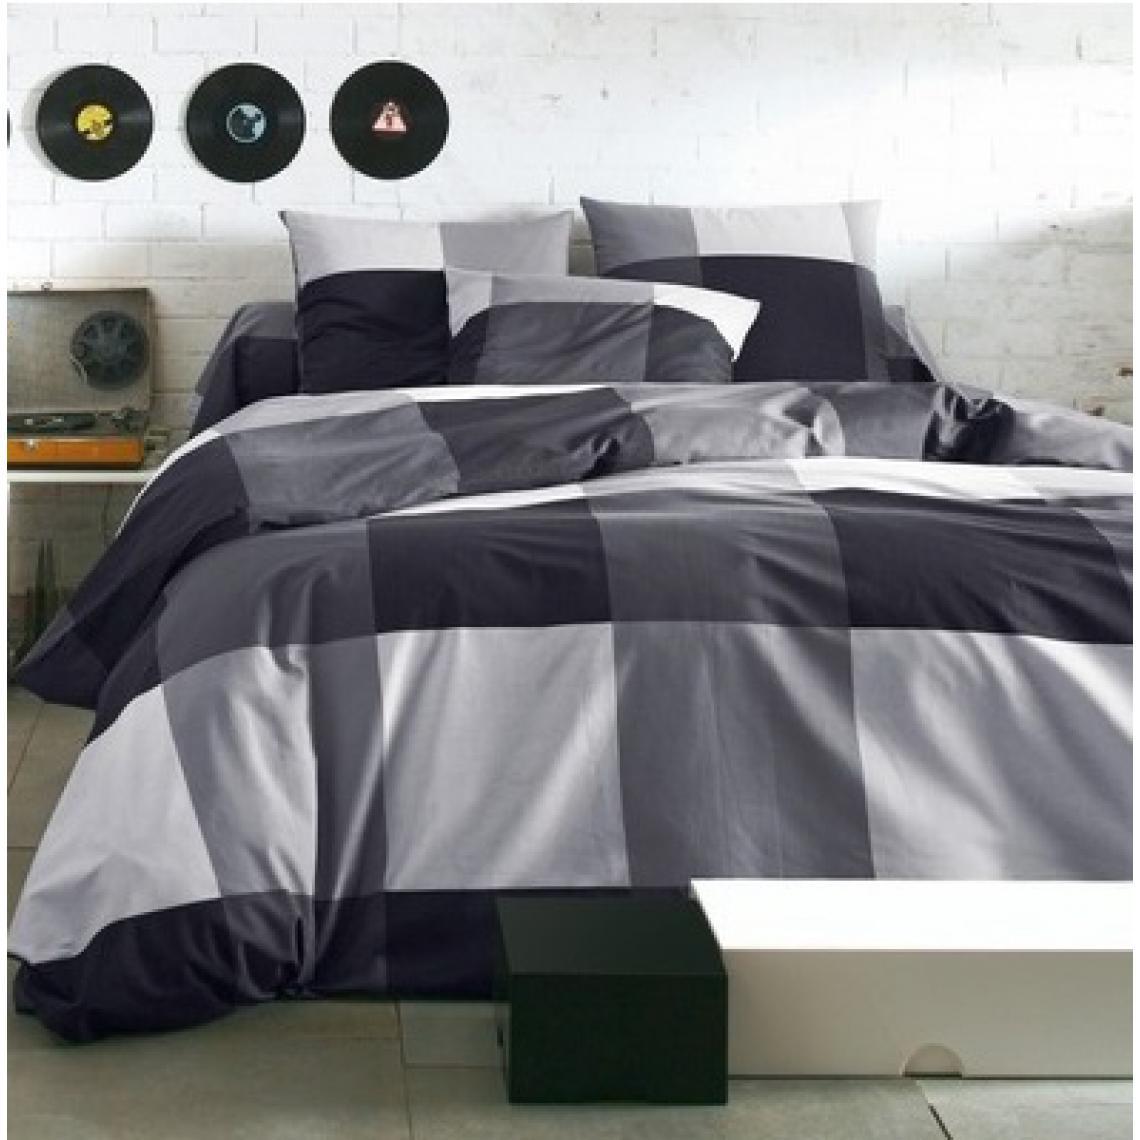 144e966044d65 Housse de couette en pur coton imprimé KUBIKAL - Noir 3 SUISSES Collection  Linge de maison